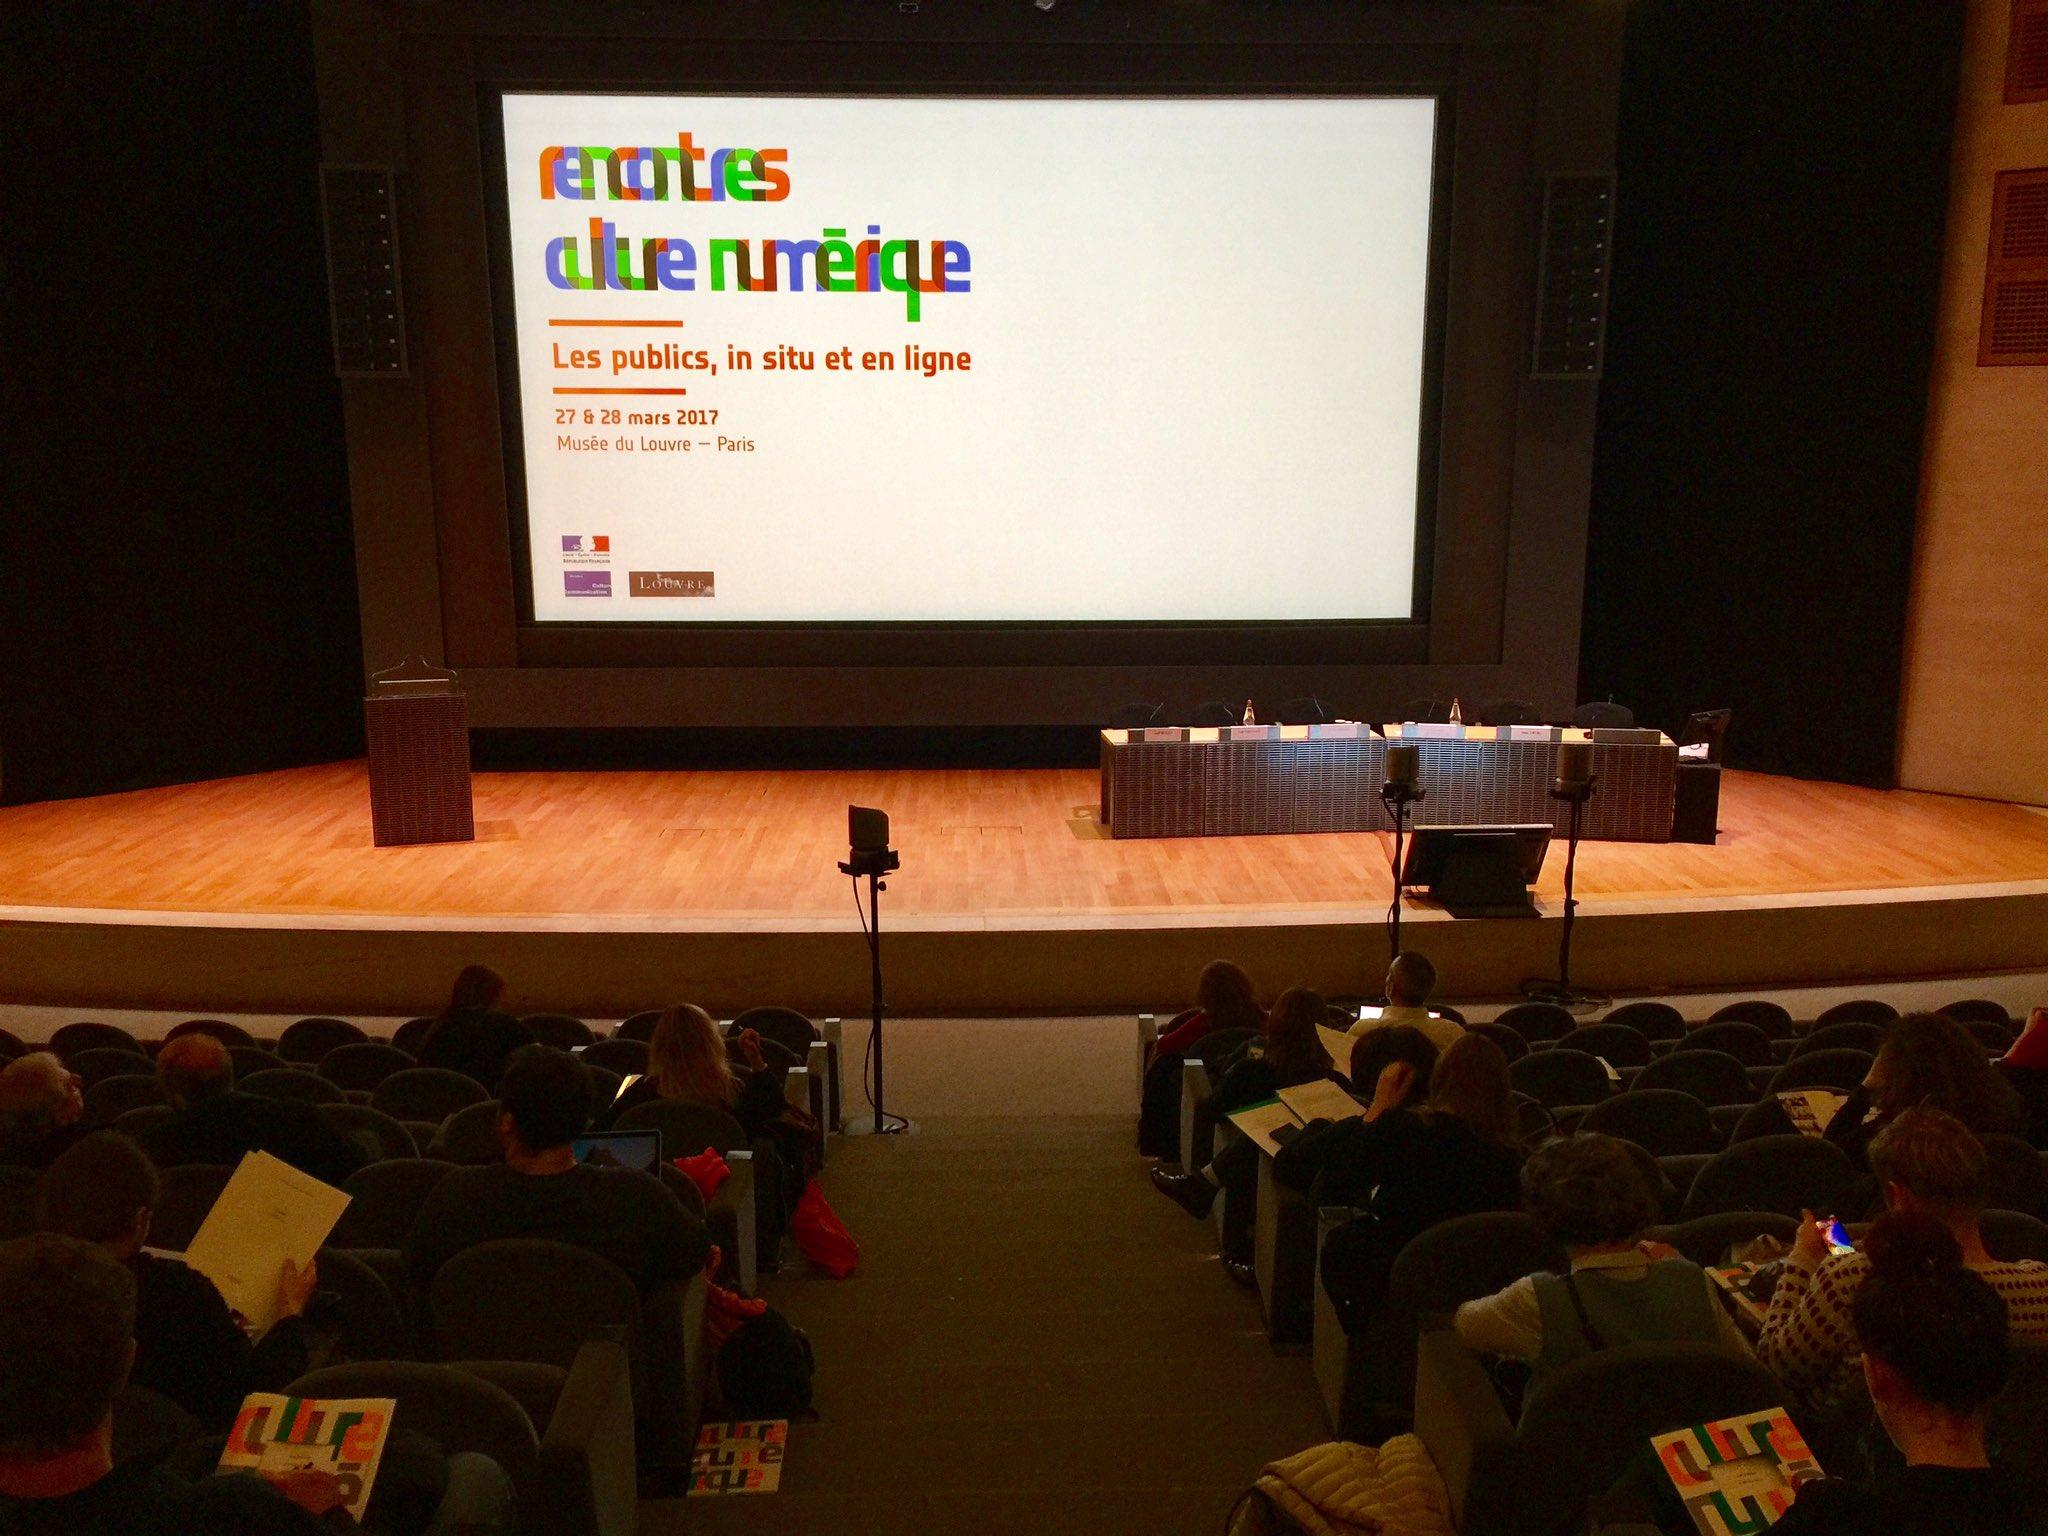 Les #RencNum du @MinistereCC commencent @MuseeLouvre 2 jours pour échanger autour des publics, in situ et en ligne > https://t.co/cJaJUrA6cY https://t.co/DOKSMtvYVz